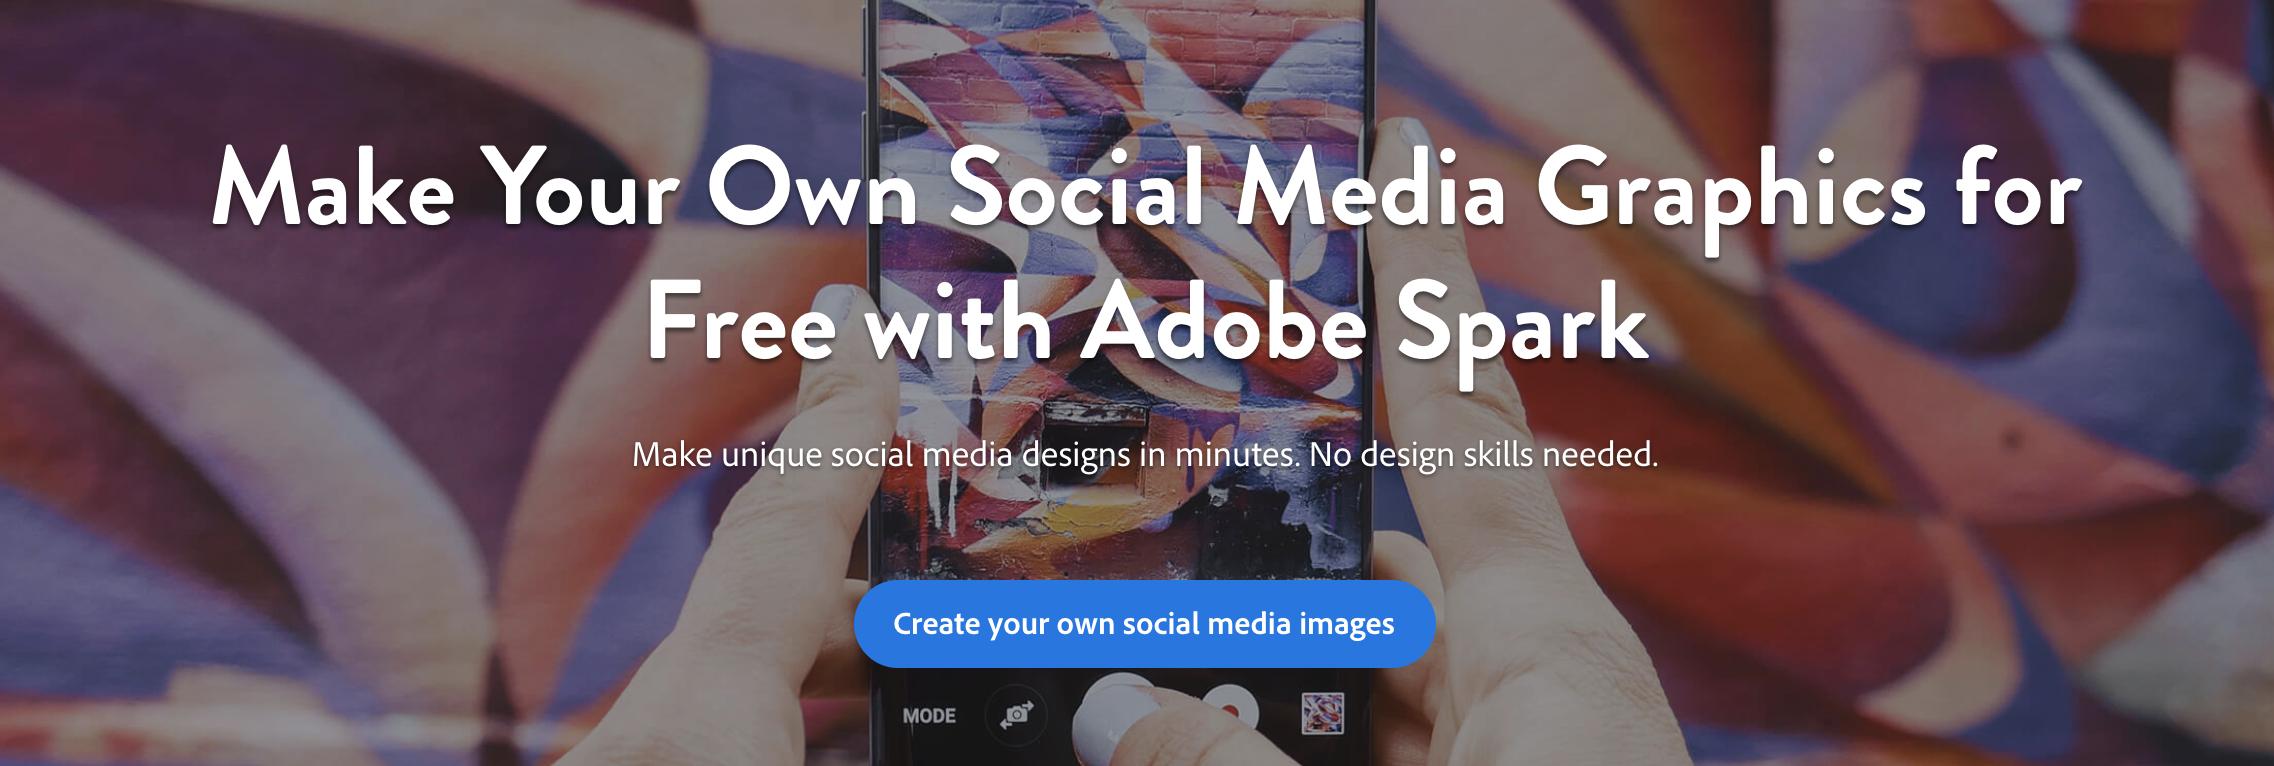 adobe spark social media